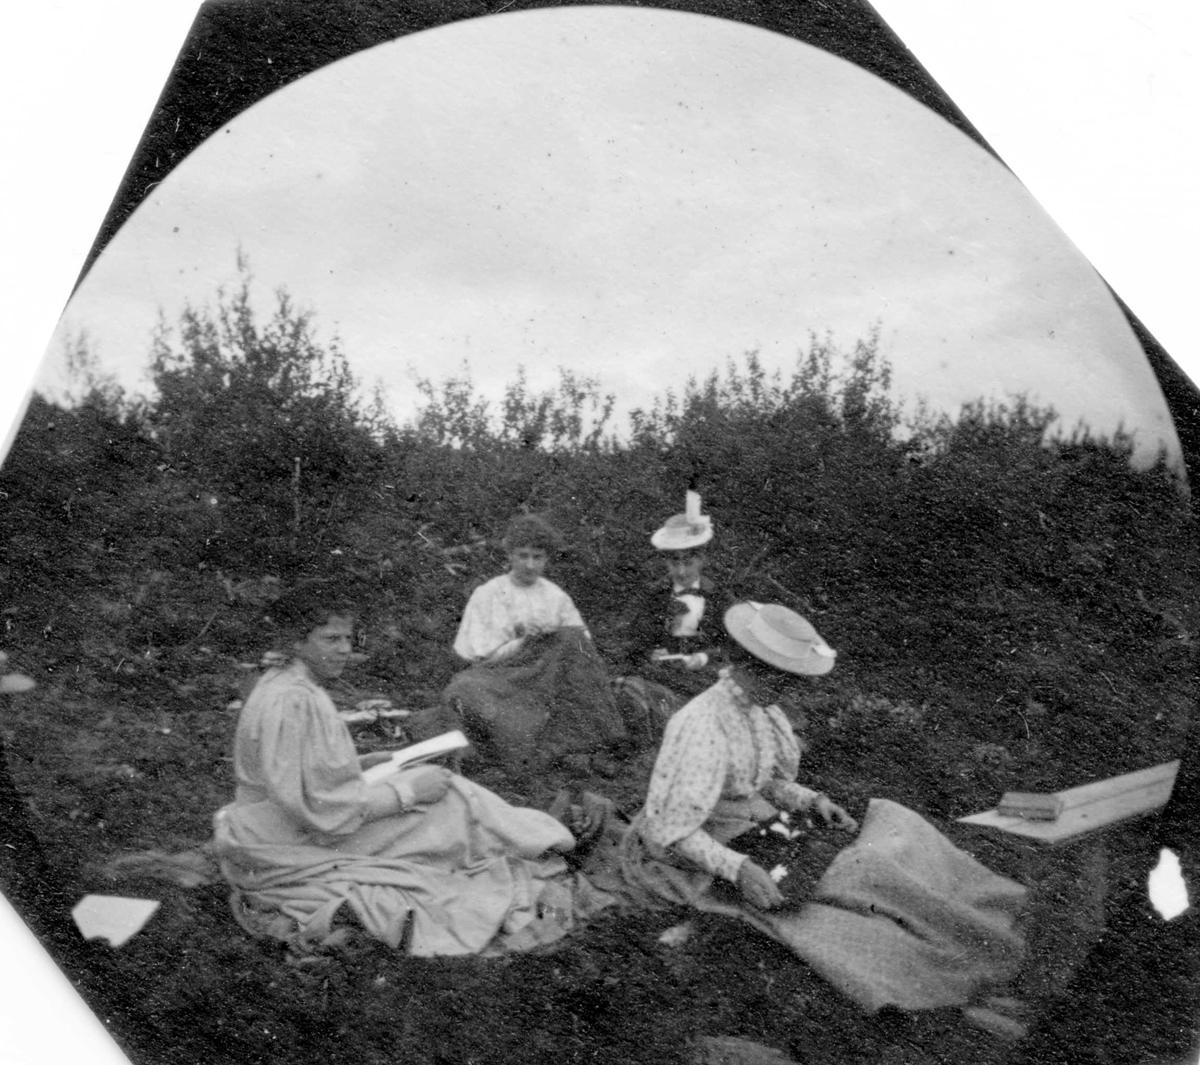 Fire damer sitter på bakken i skogen med tegnesaker.